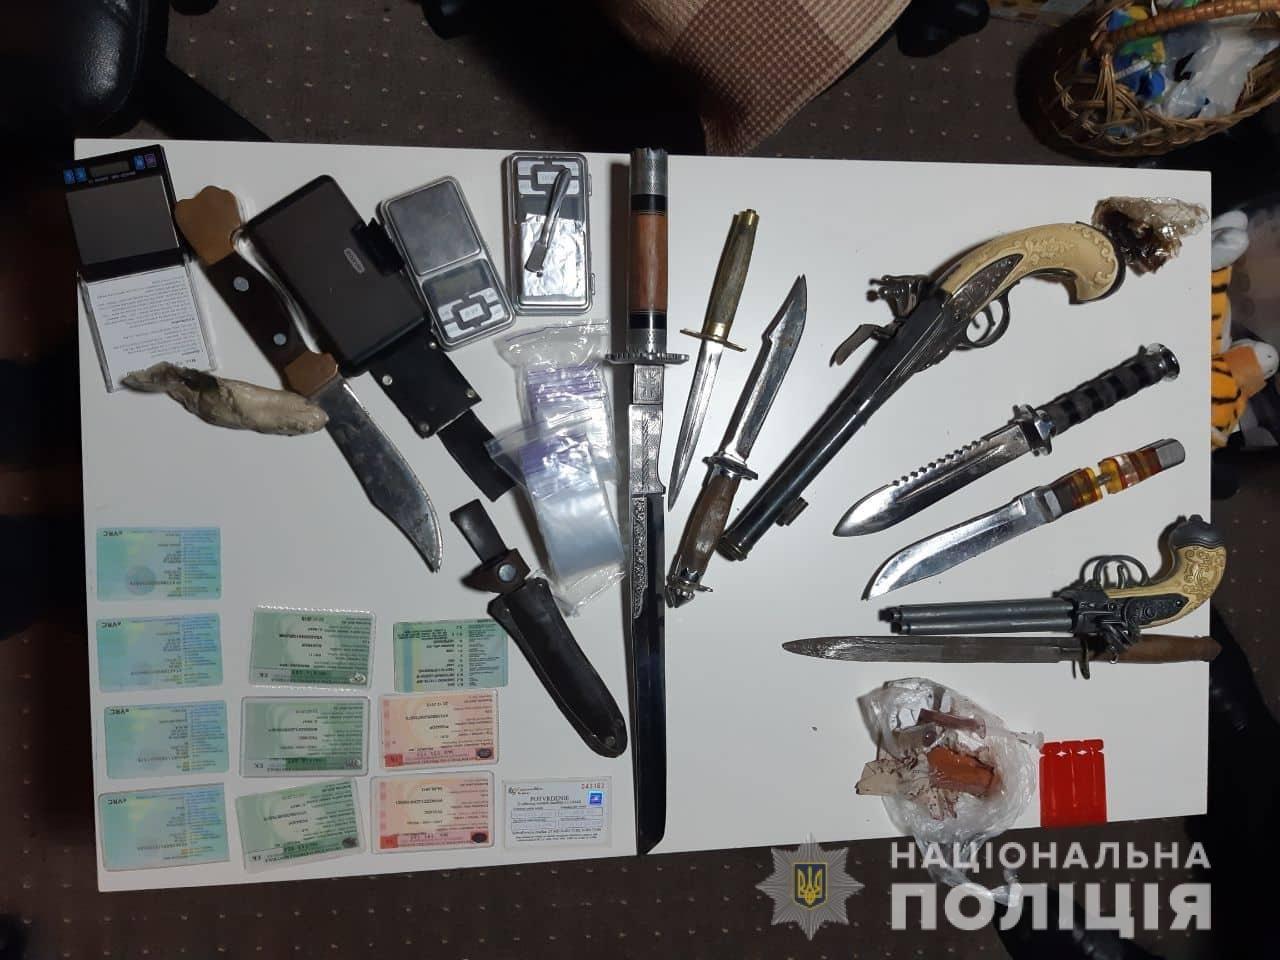 На Ужгородщині силовики знайшли у 42-річного чоловіка цілий арсенал зброї та шприци з наркотиками (ФОТО), фото-1